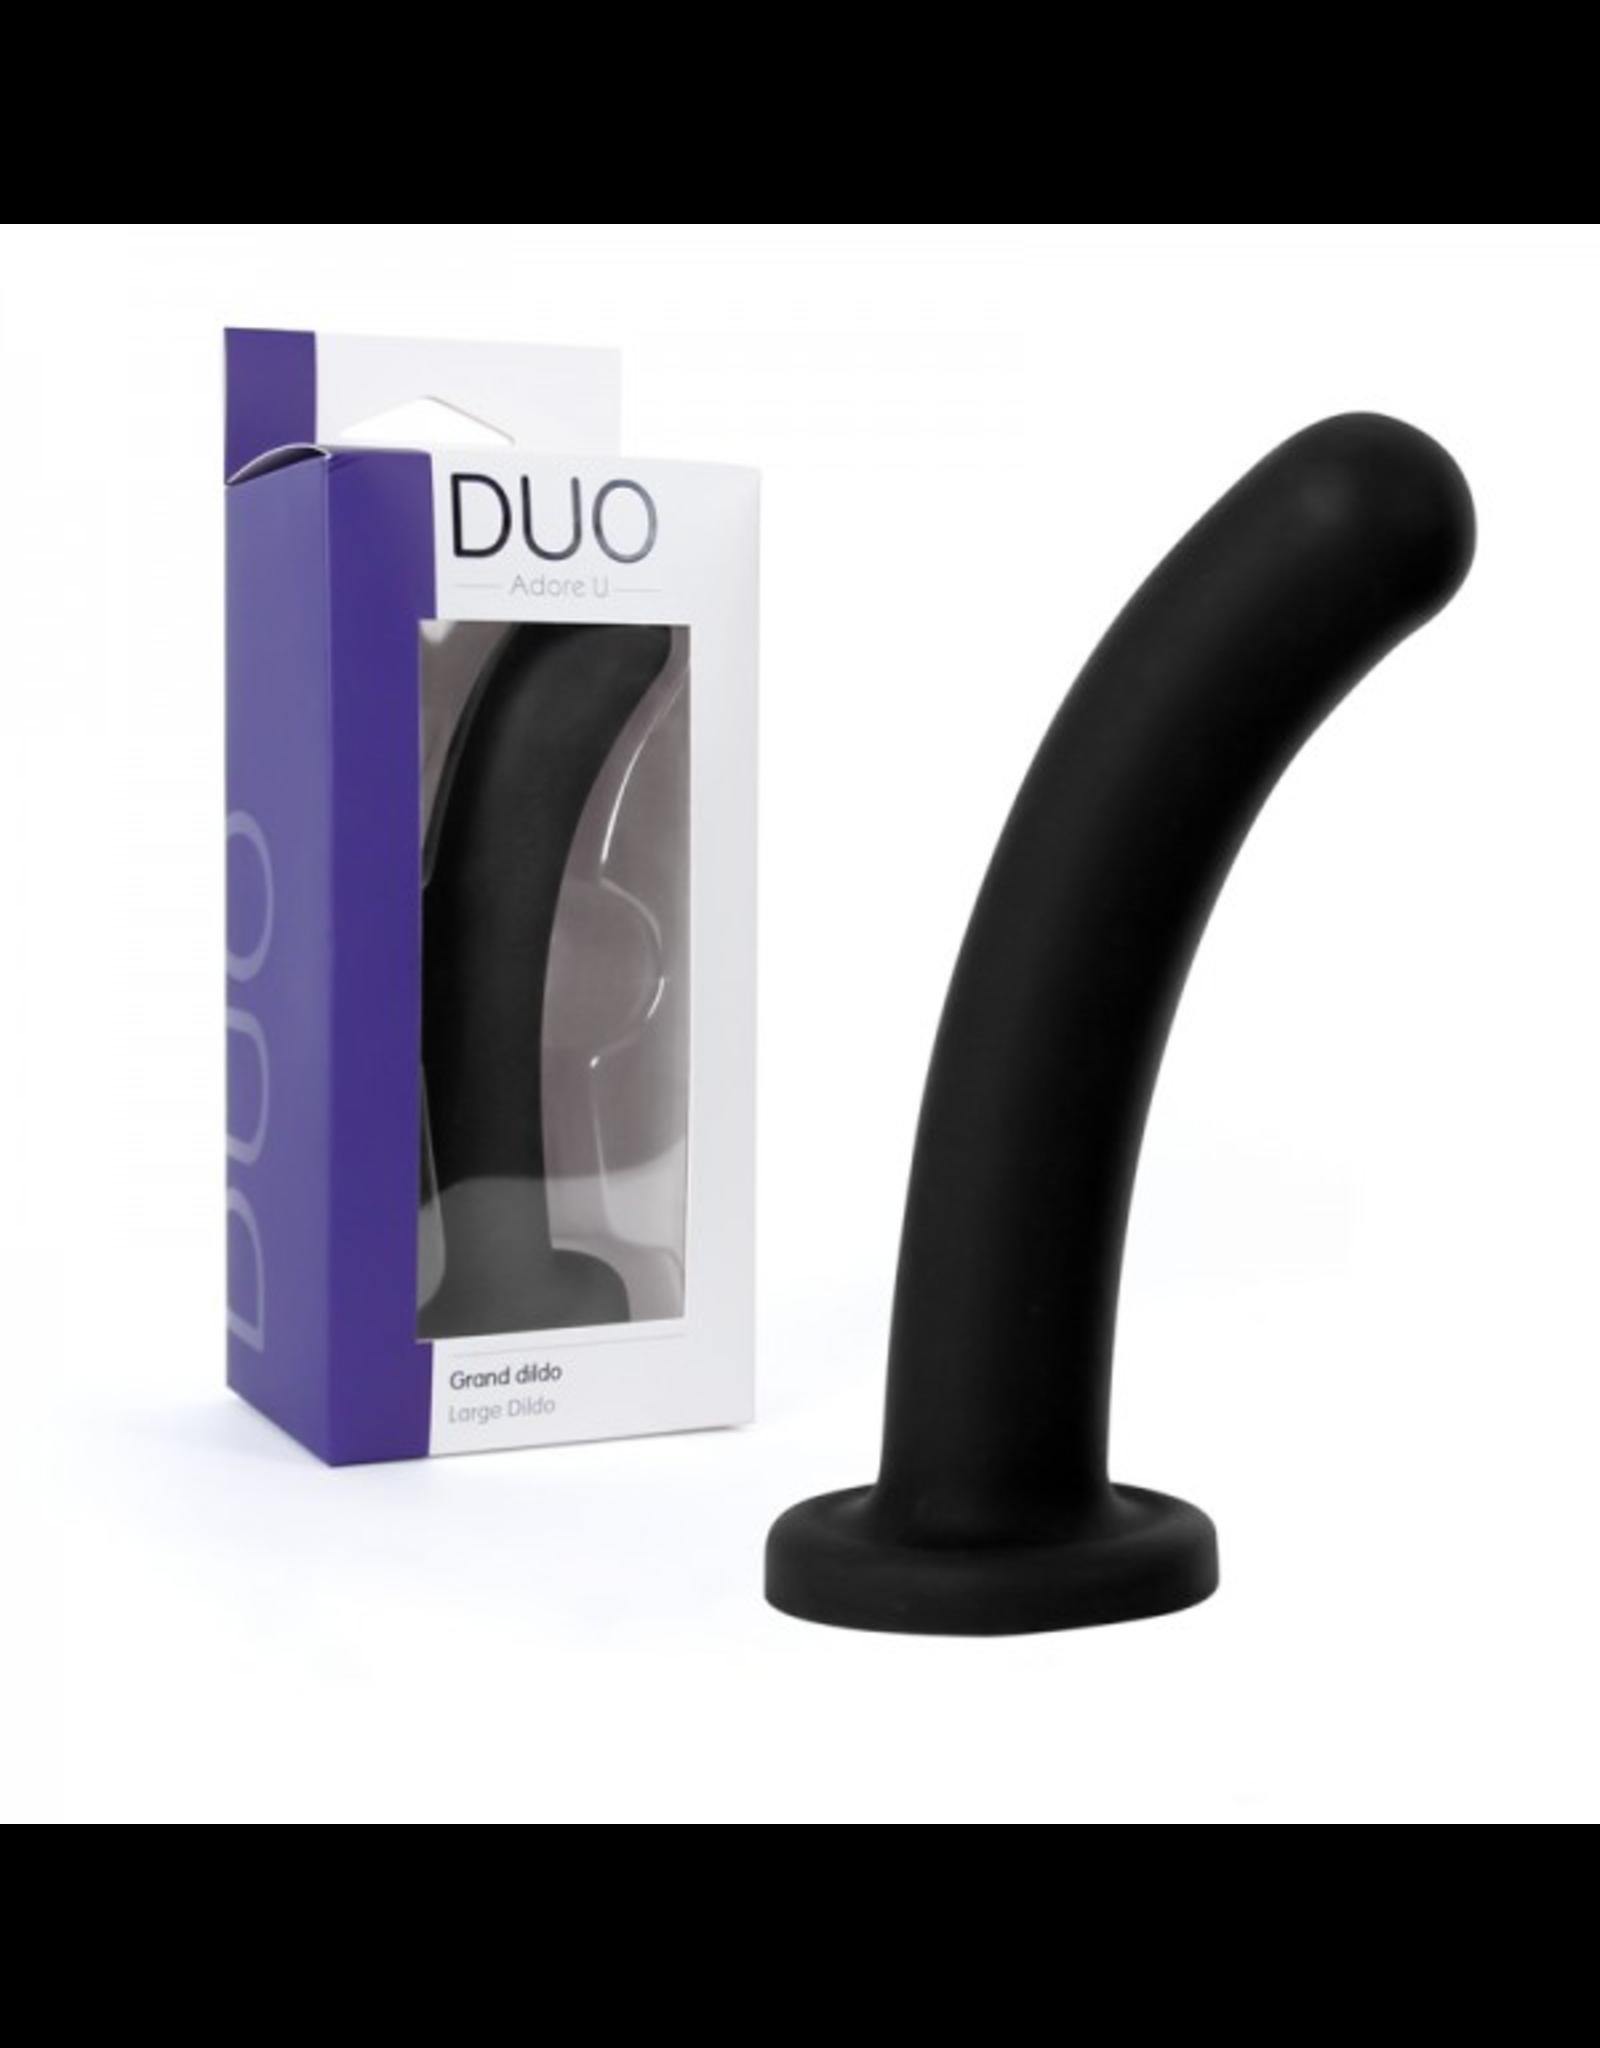 ADORE U - DUO - LARGE DILDO - BLACK